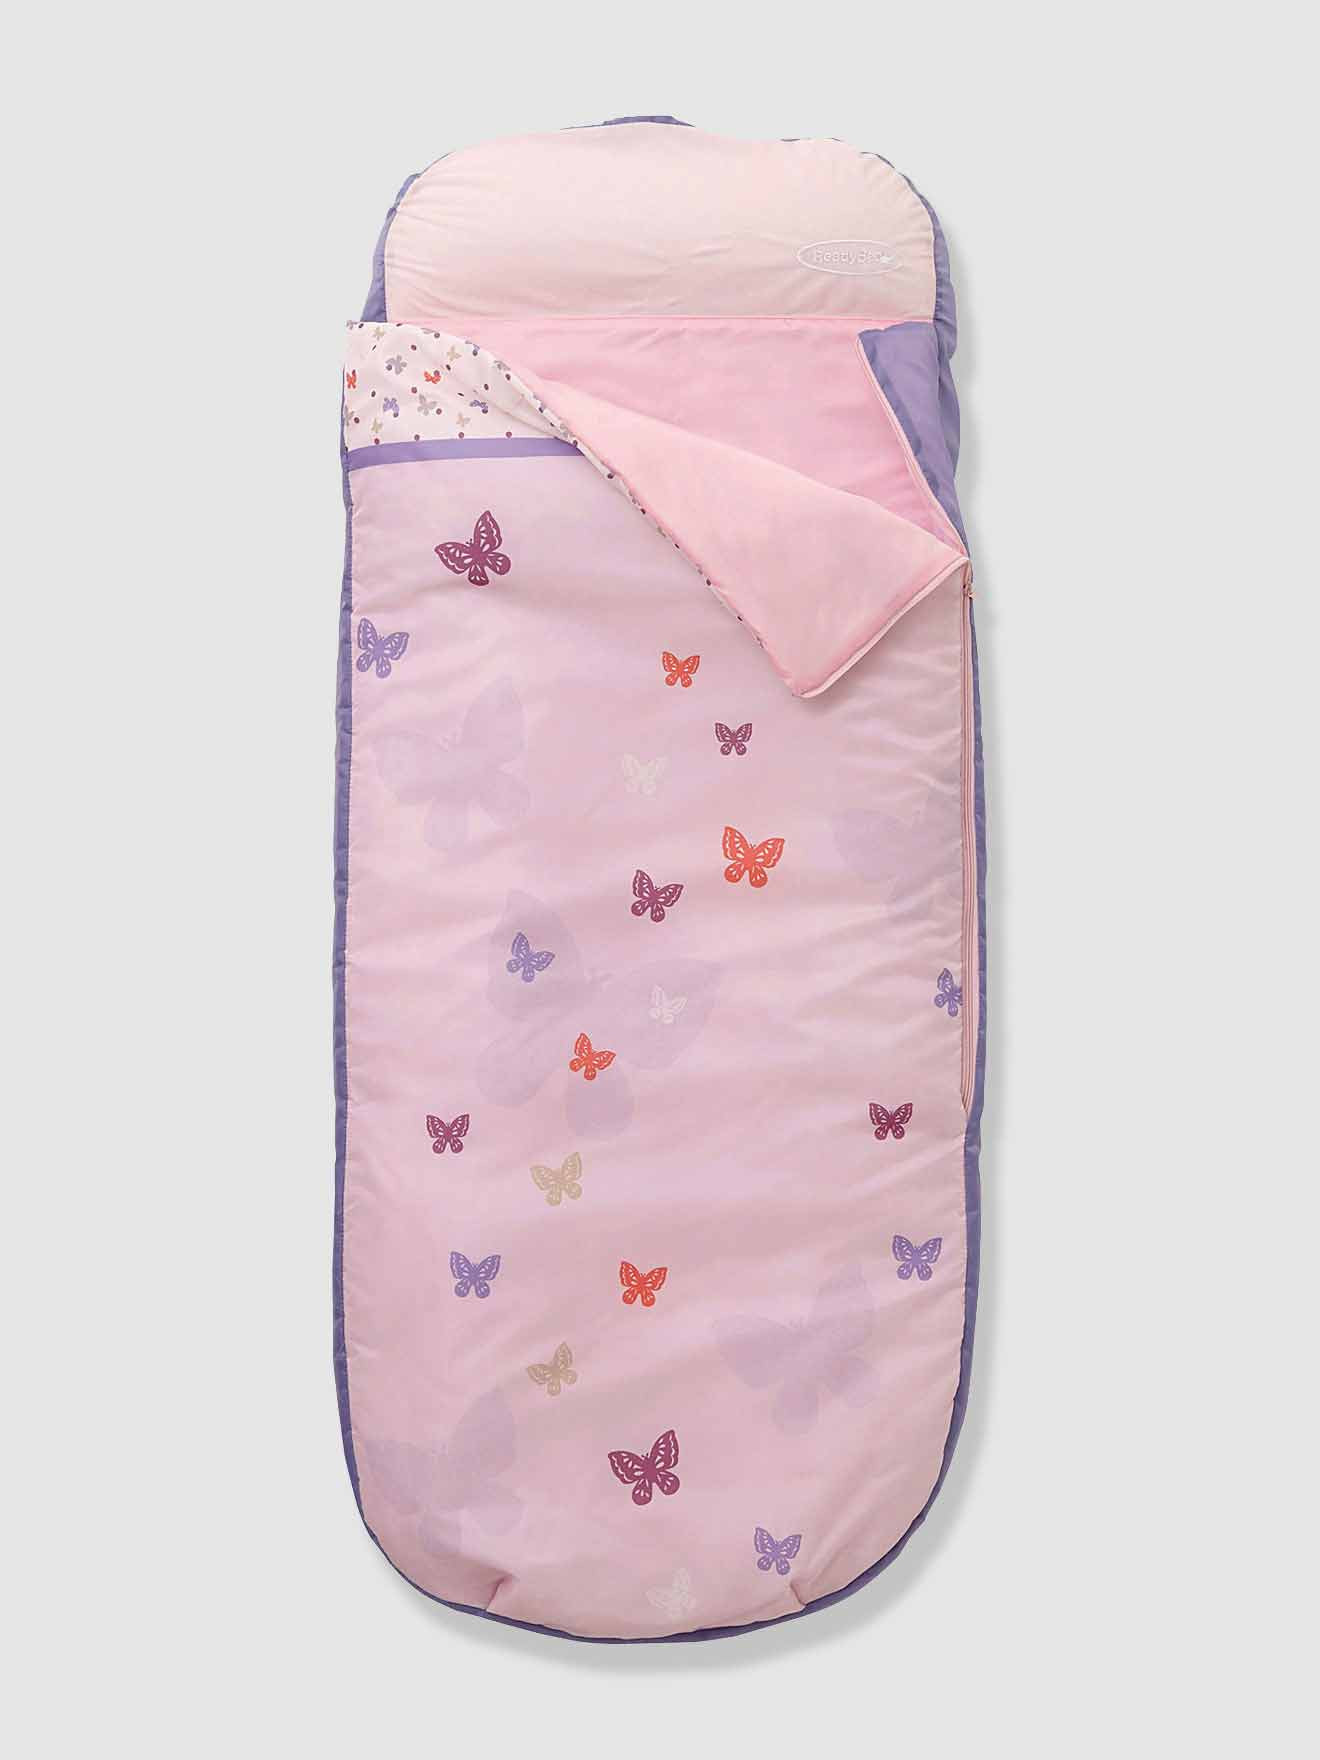 Sac de couchage avec matelas int gr vertbaudet avis - Lit gonflable avec sac de couchage integre ...